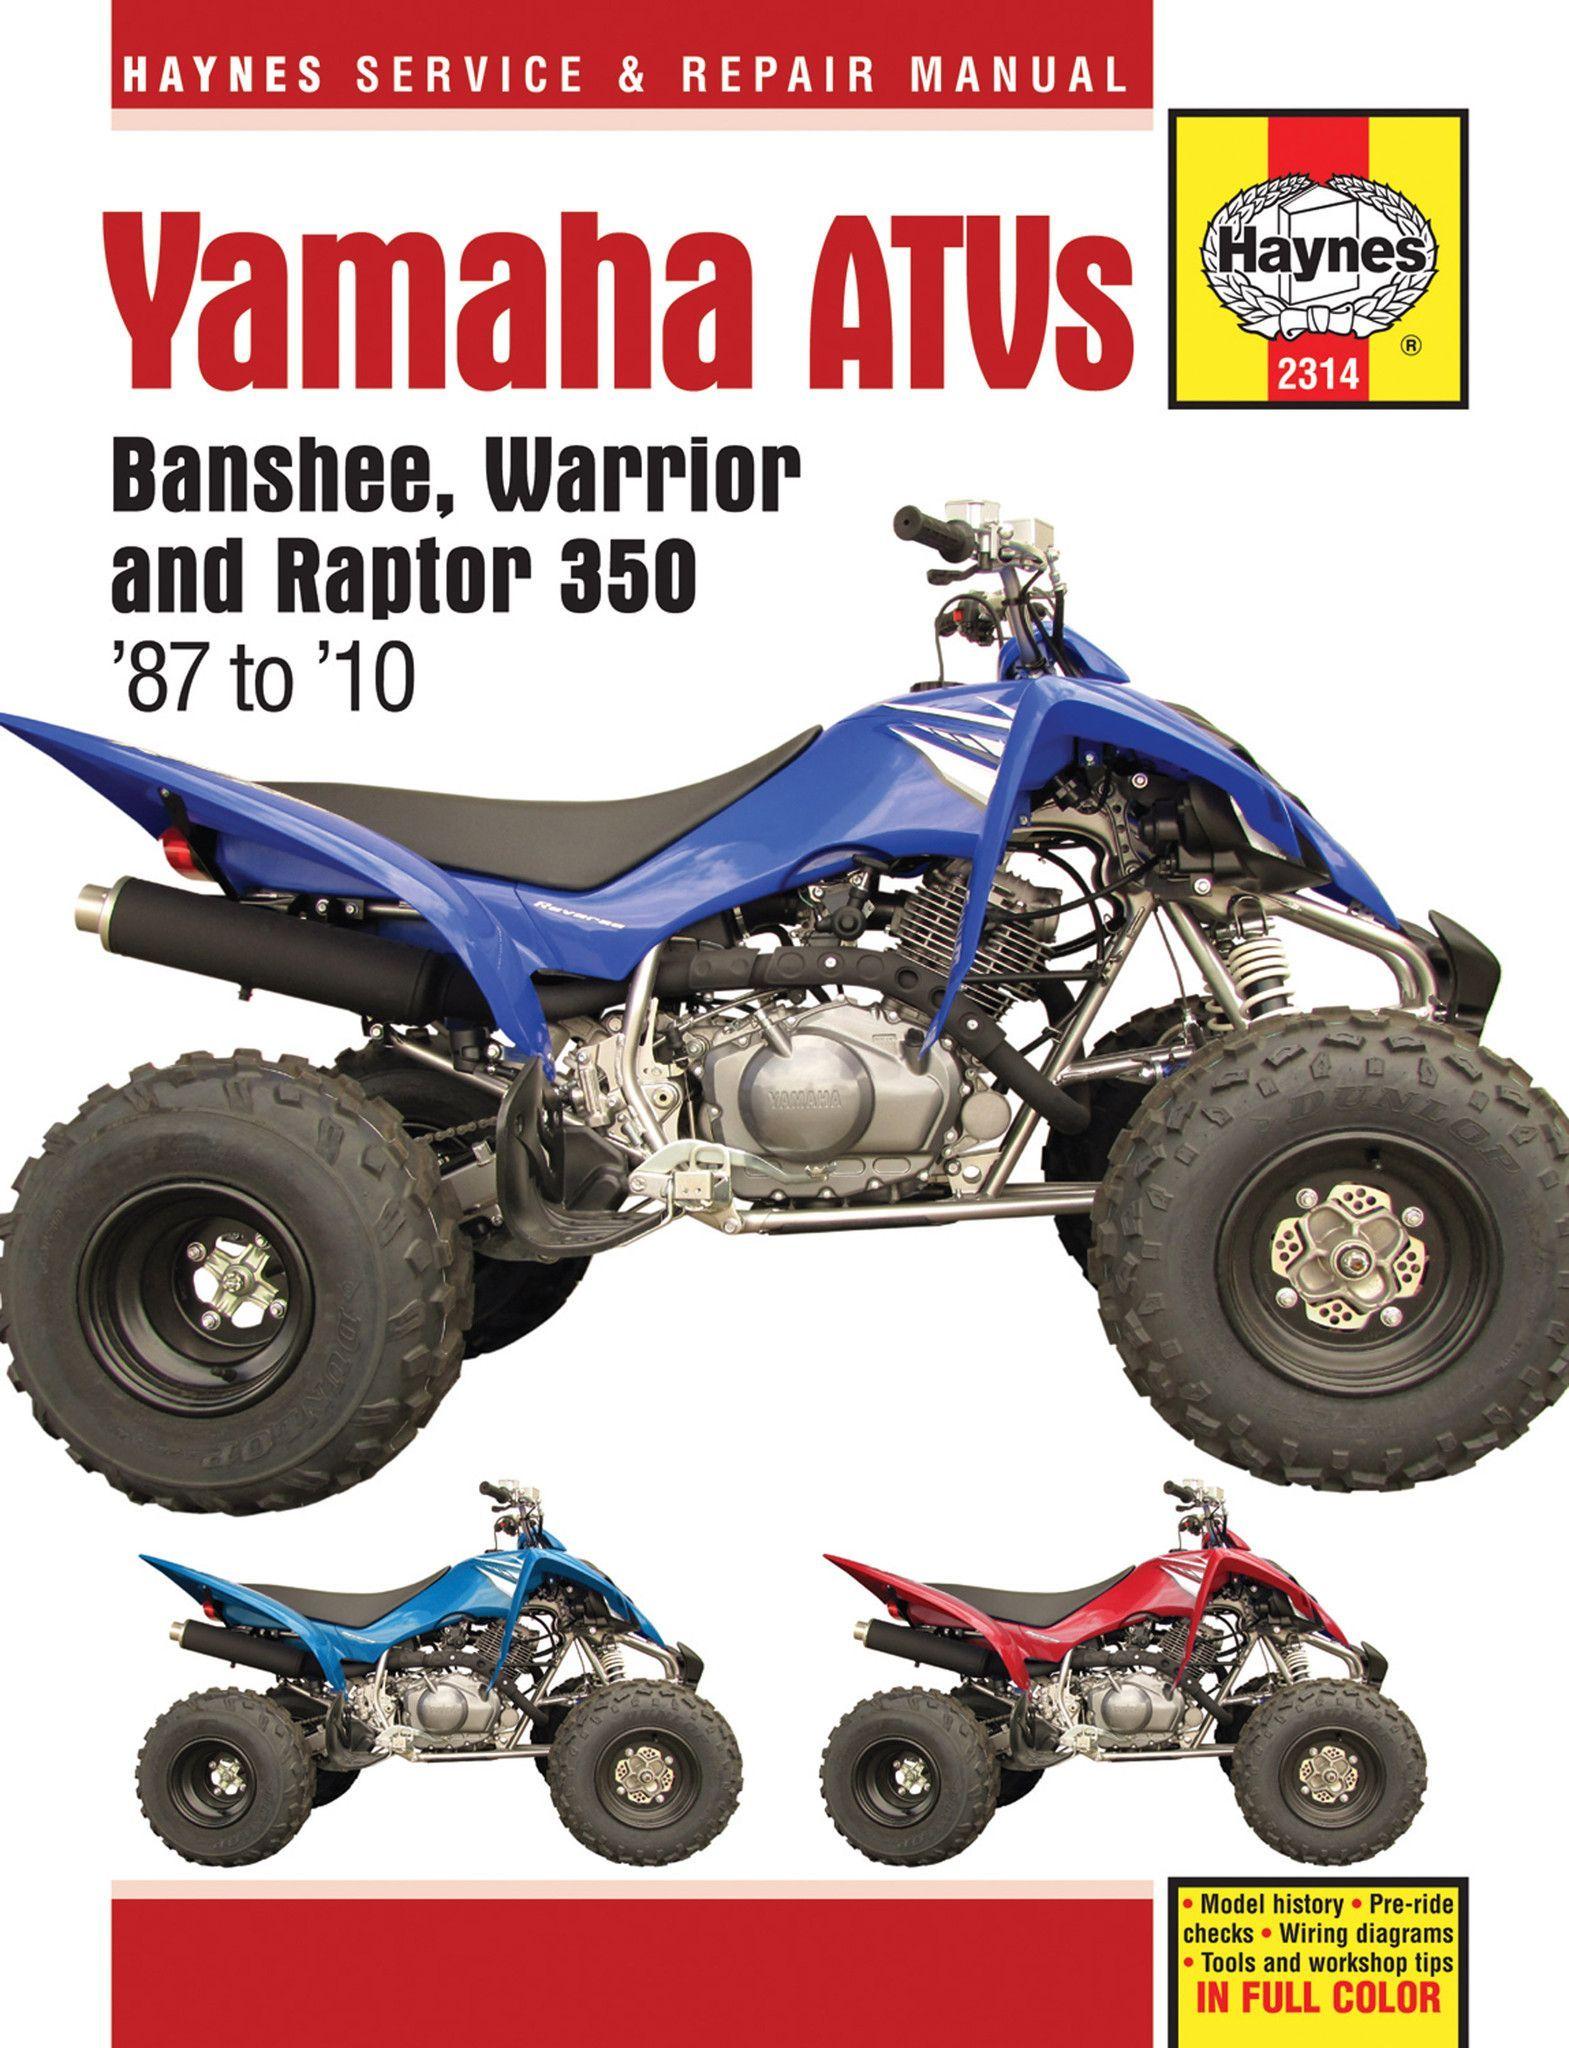 Haynes M2314 Repair Manual For 1987 10 Yamaha Banshee Warrior Raptor Yamaha Banshee Yamaha Repair Manuals